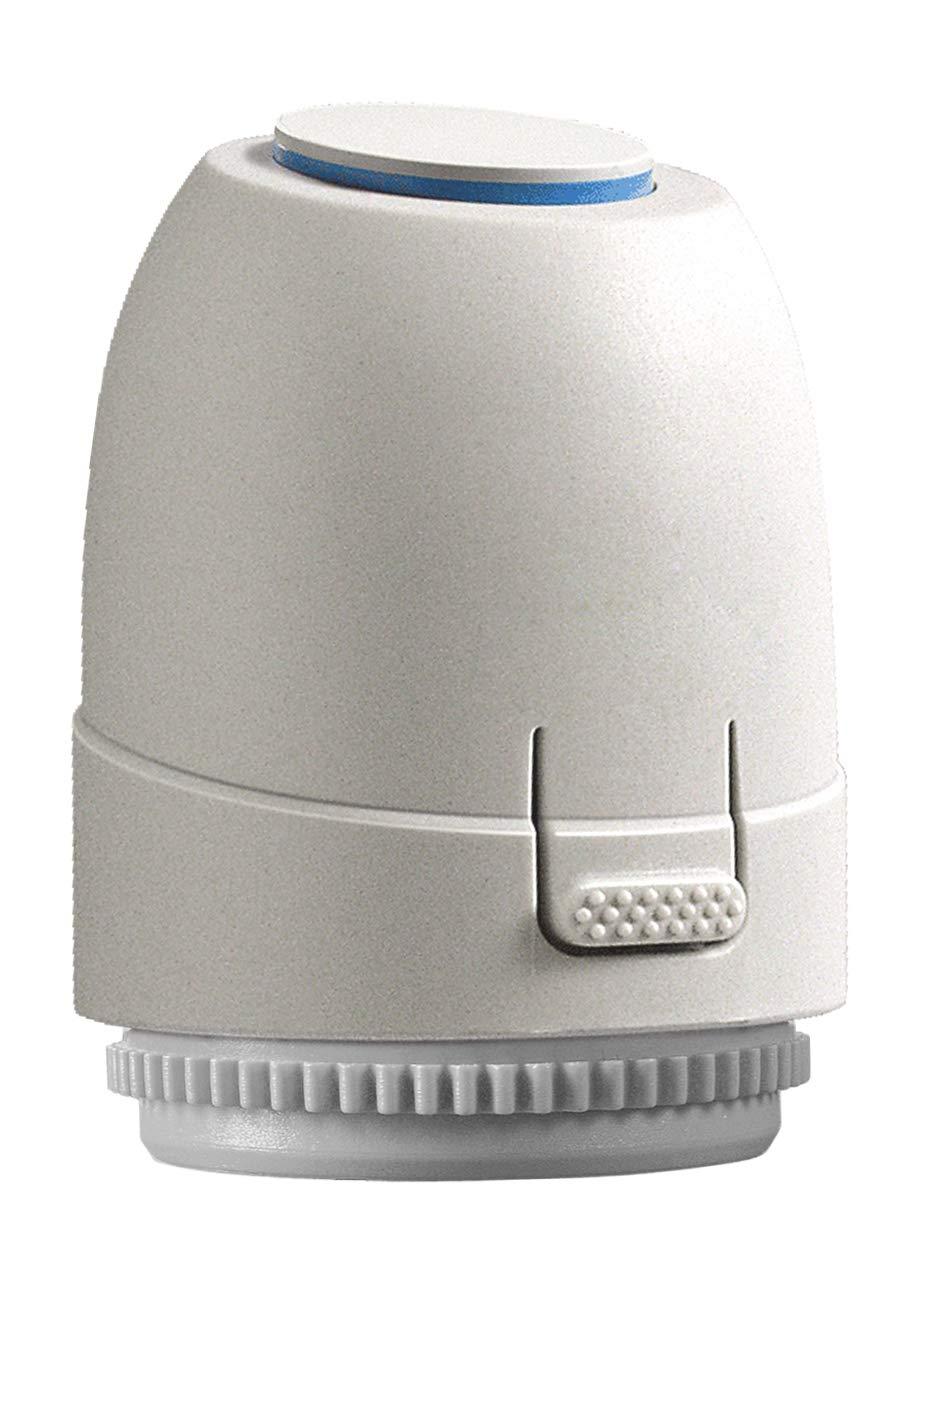 230 V actuador para suelo radiante, M30 X 1,5 NC (conectado sin corriente) VA80) apto para casi cualquier Calefacció n circular distribuidor Buderus, homeatic IP, Heimeier etc. Ver Descripció n M30X 1 EAZY Systems